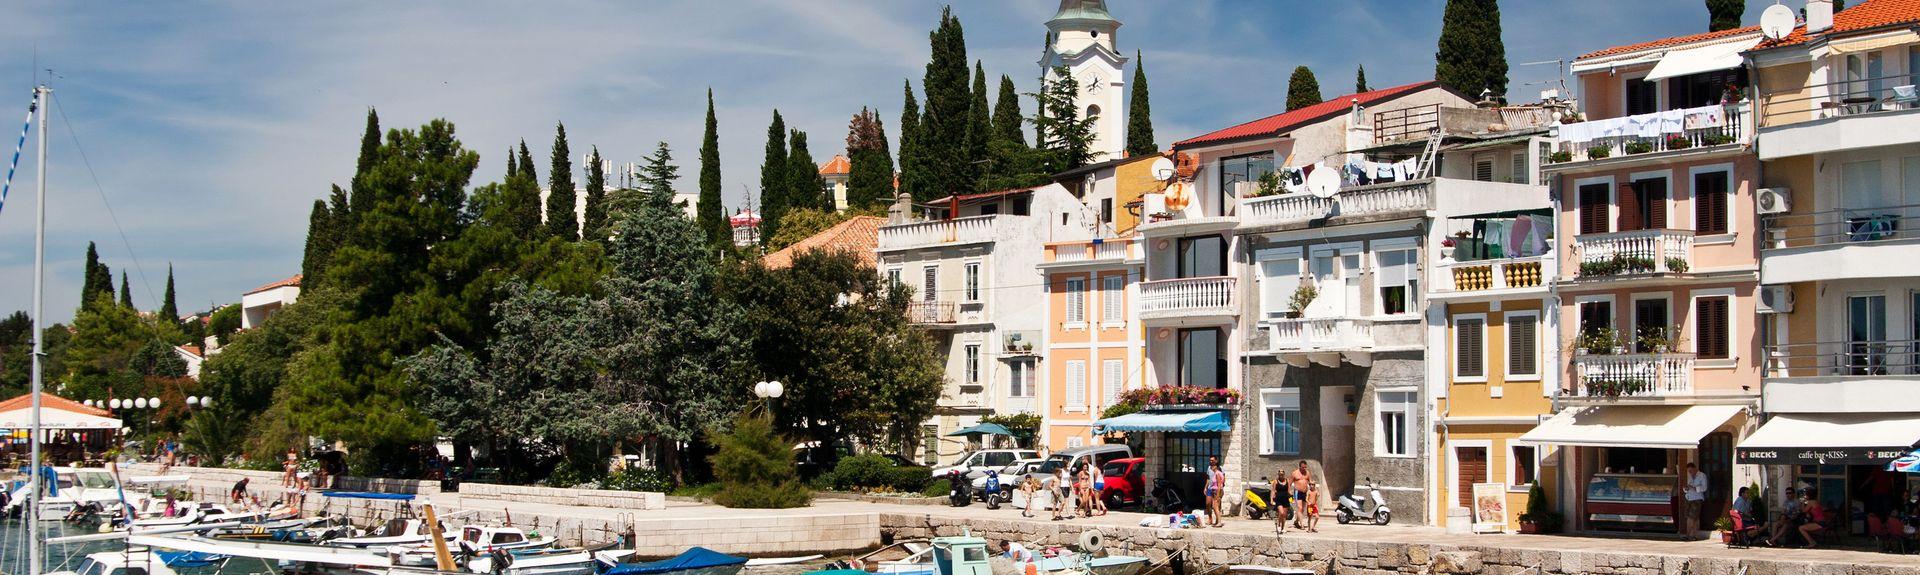 Crikvenica, Primorje-Gorski Kotar, Kroatien